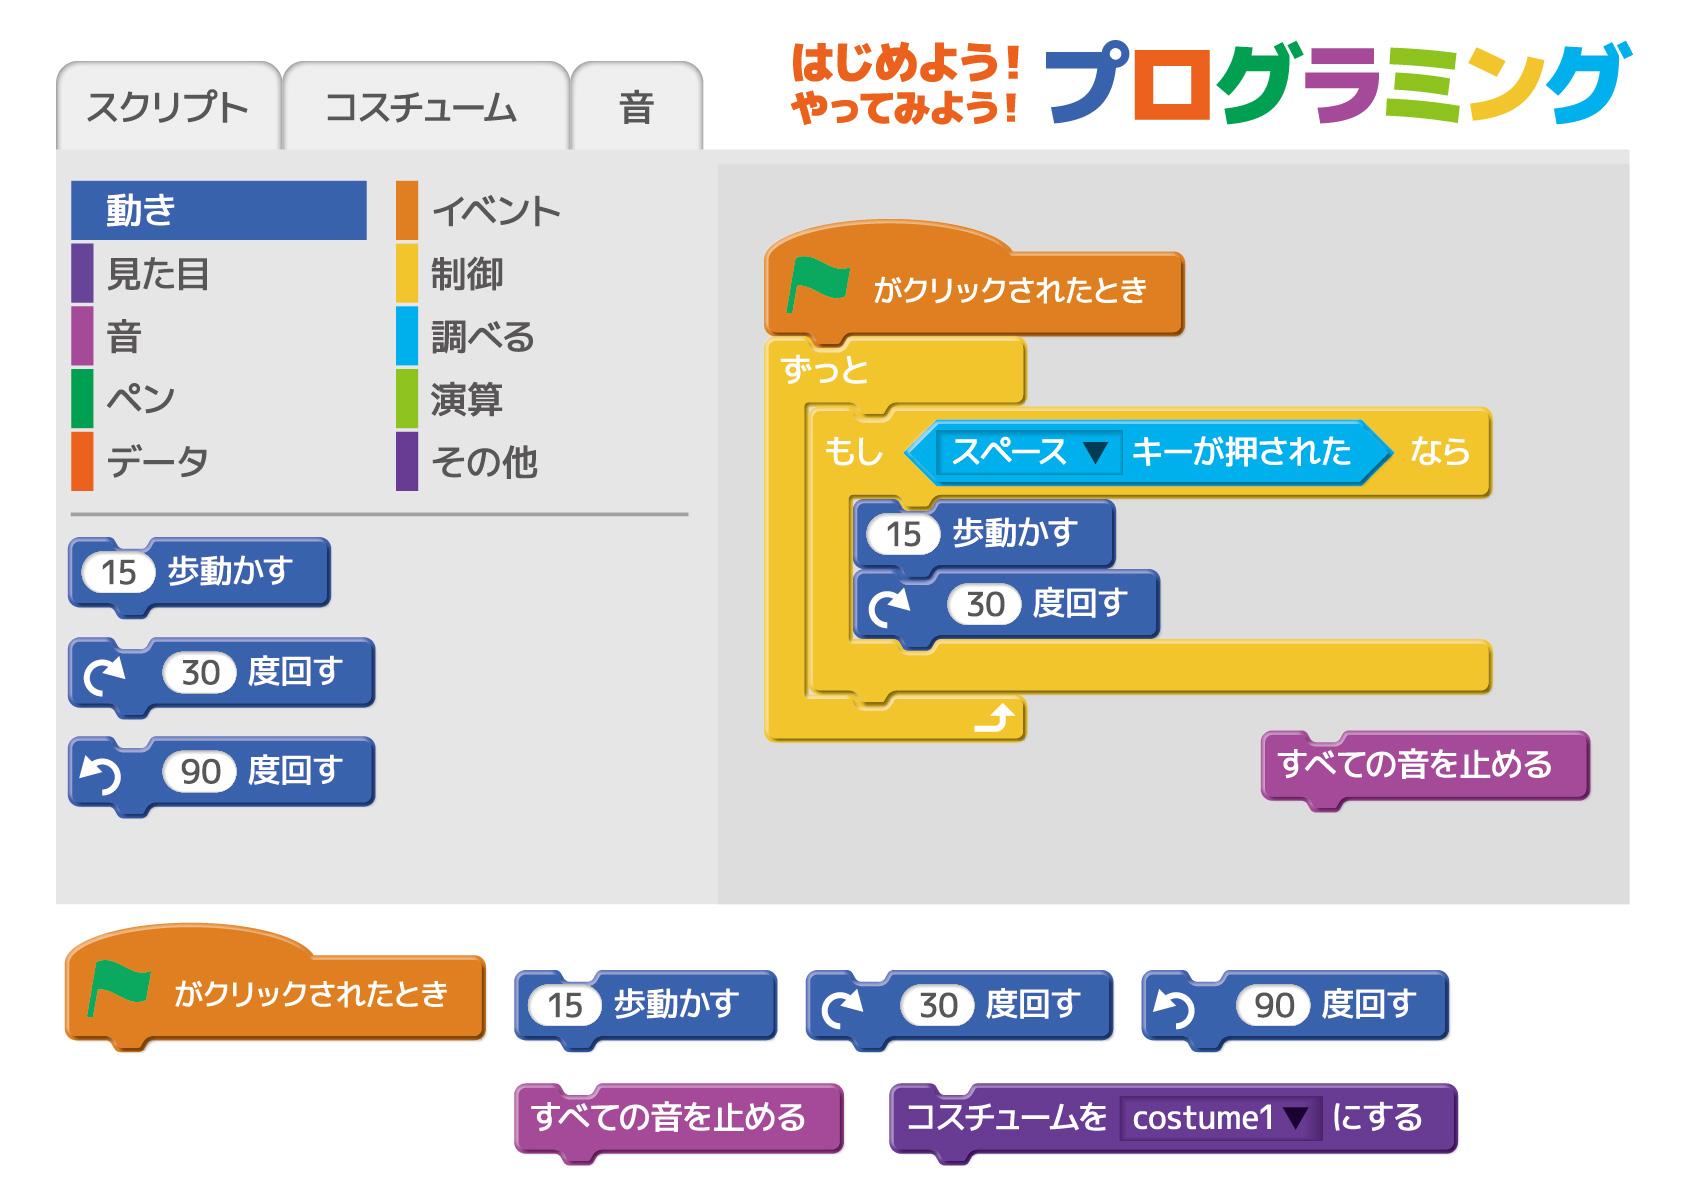 プログラミング言語Scratch(スクラッチ)について